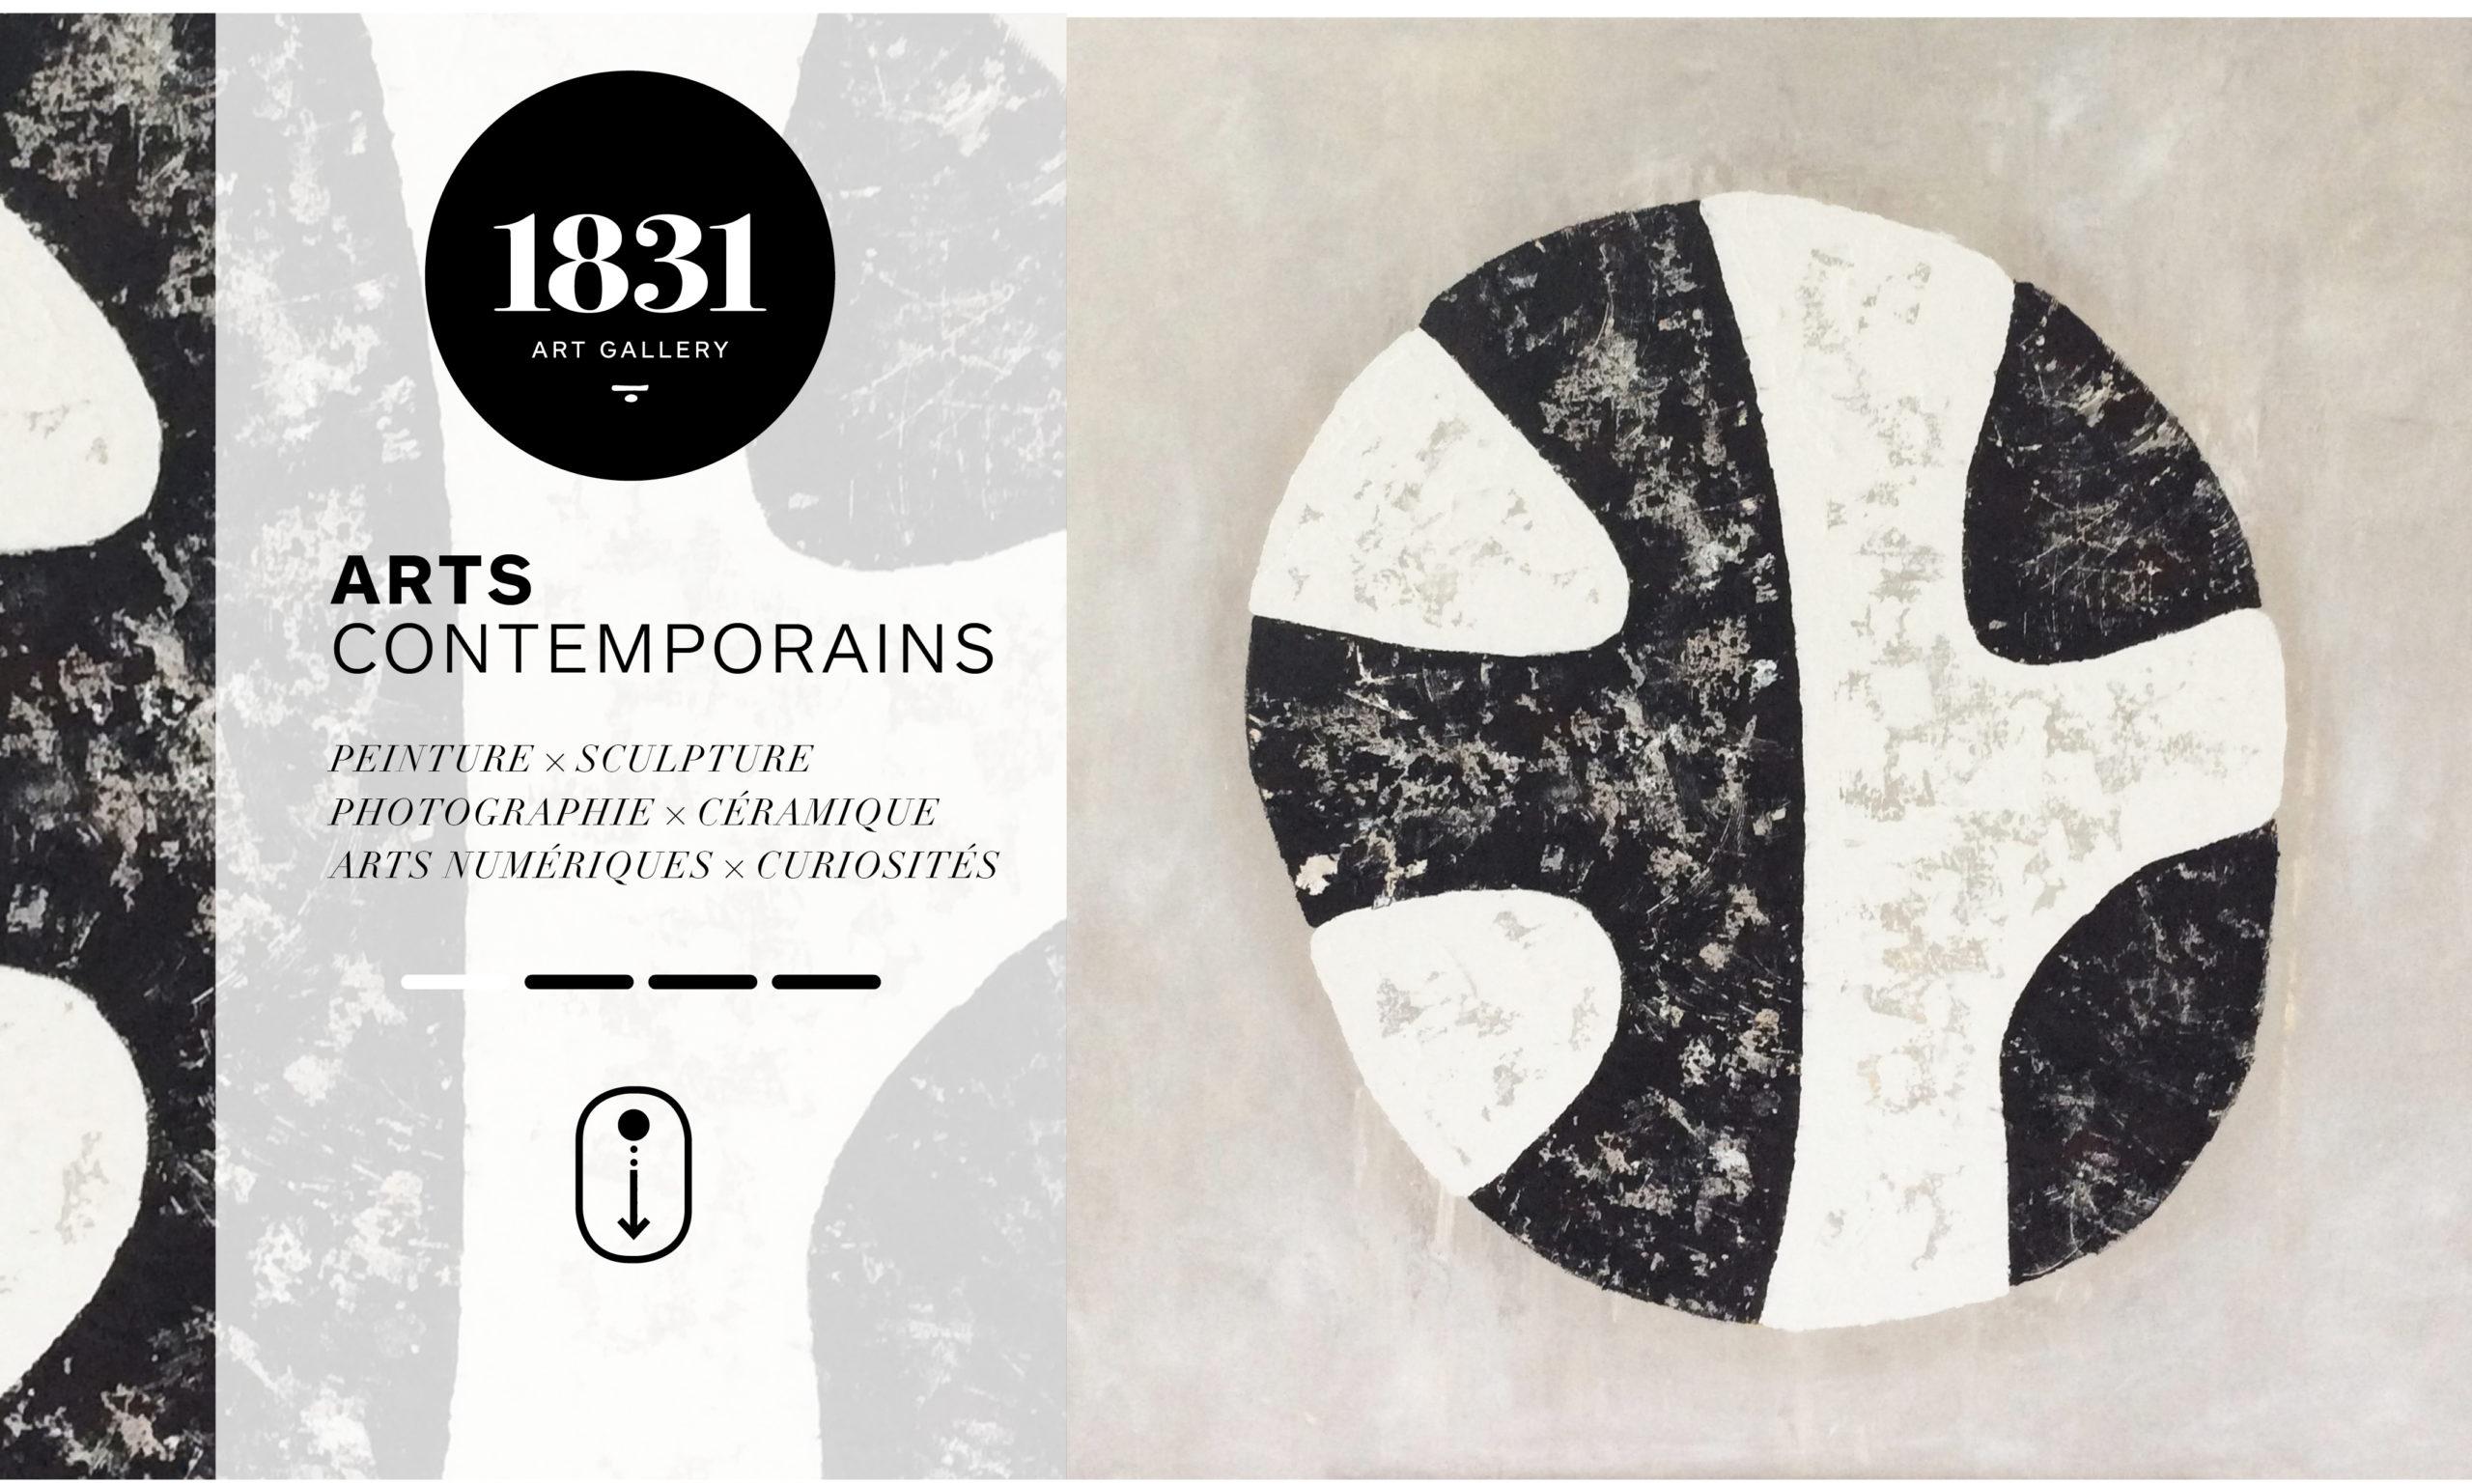 1831-home-a